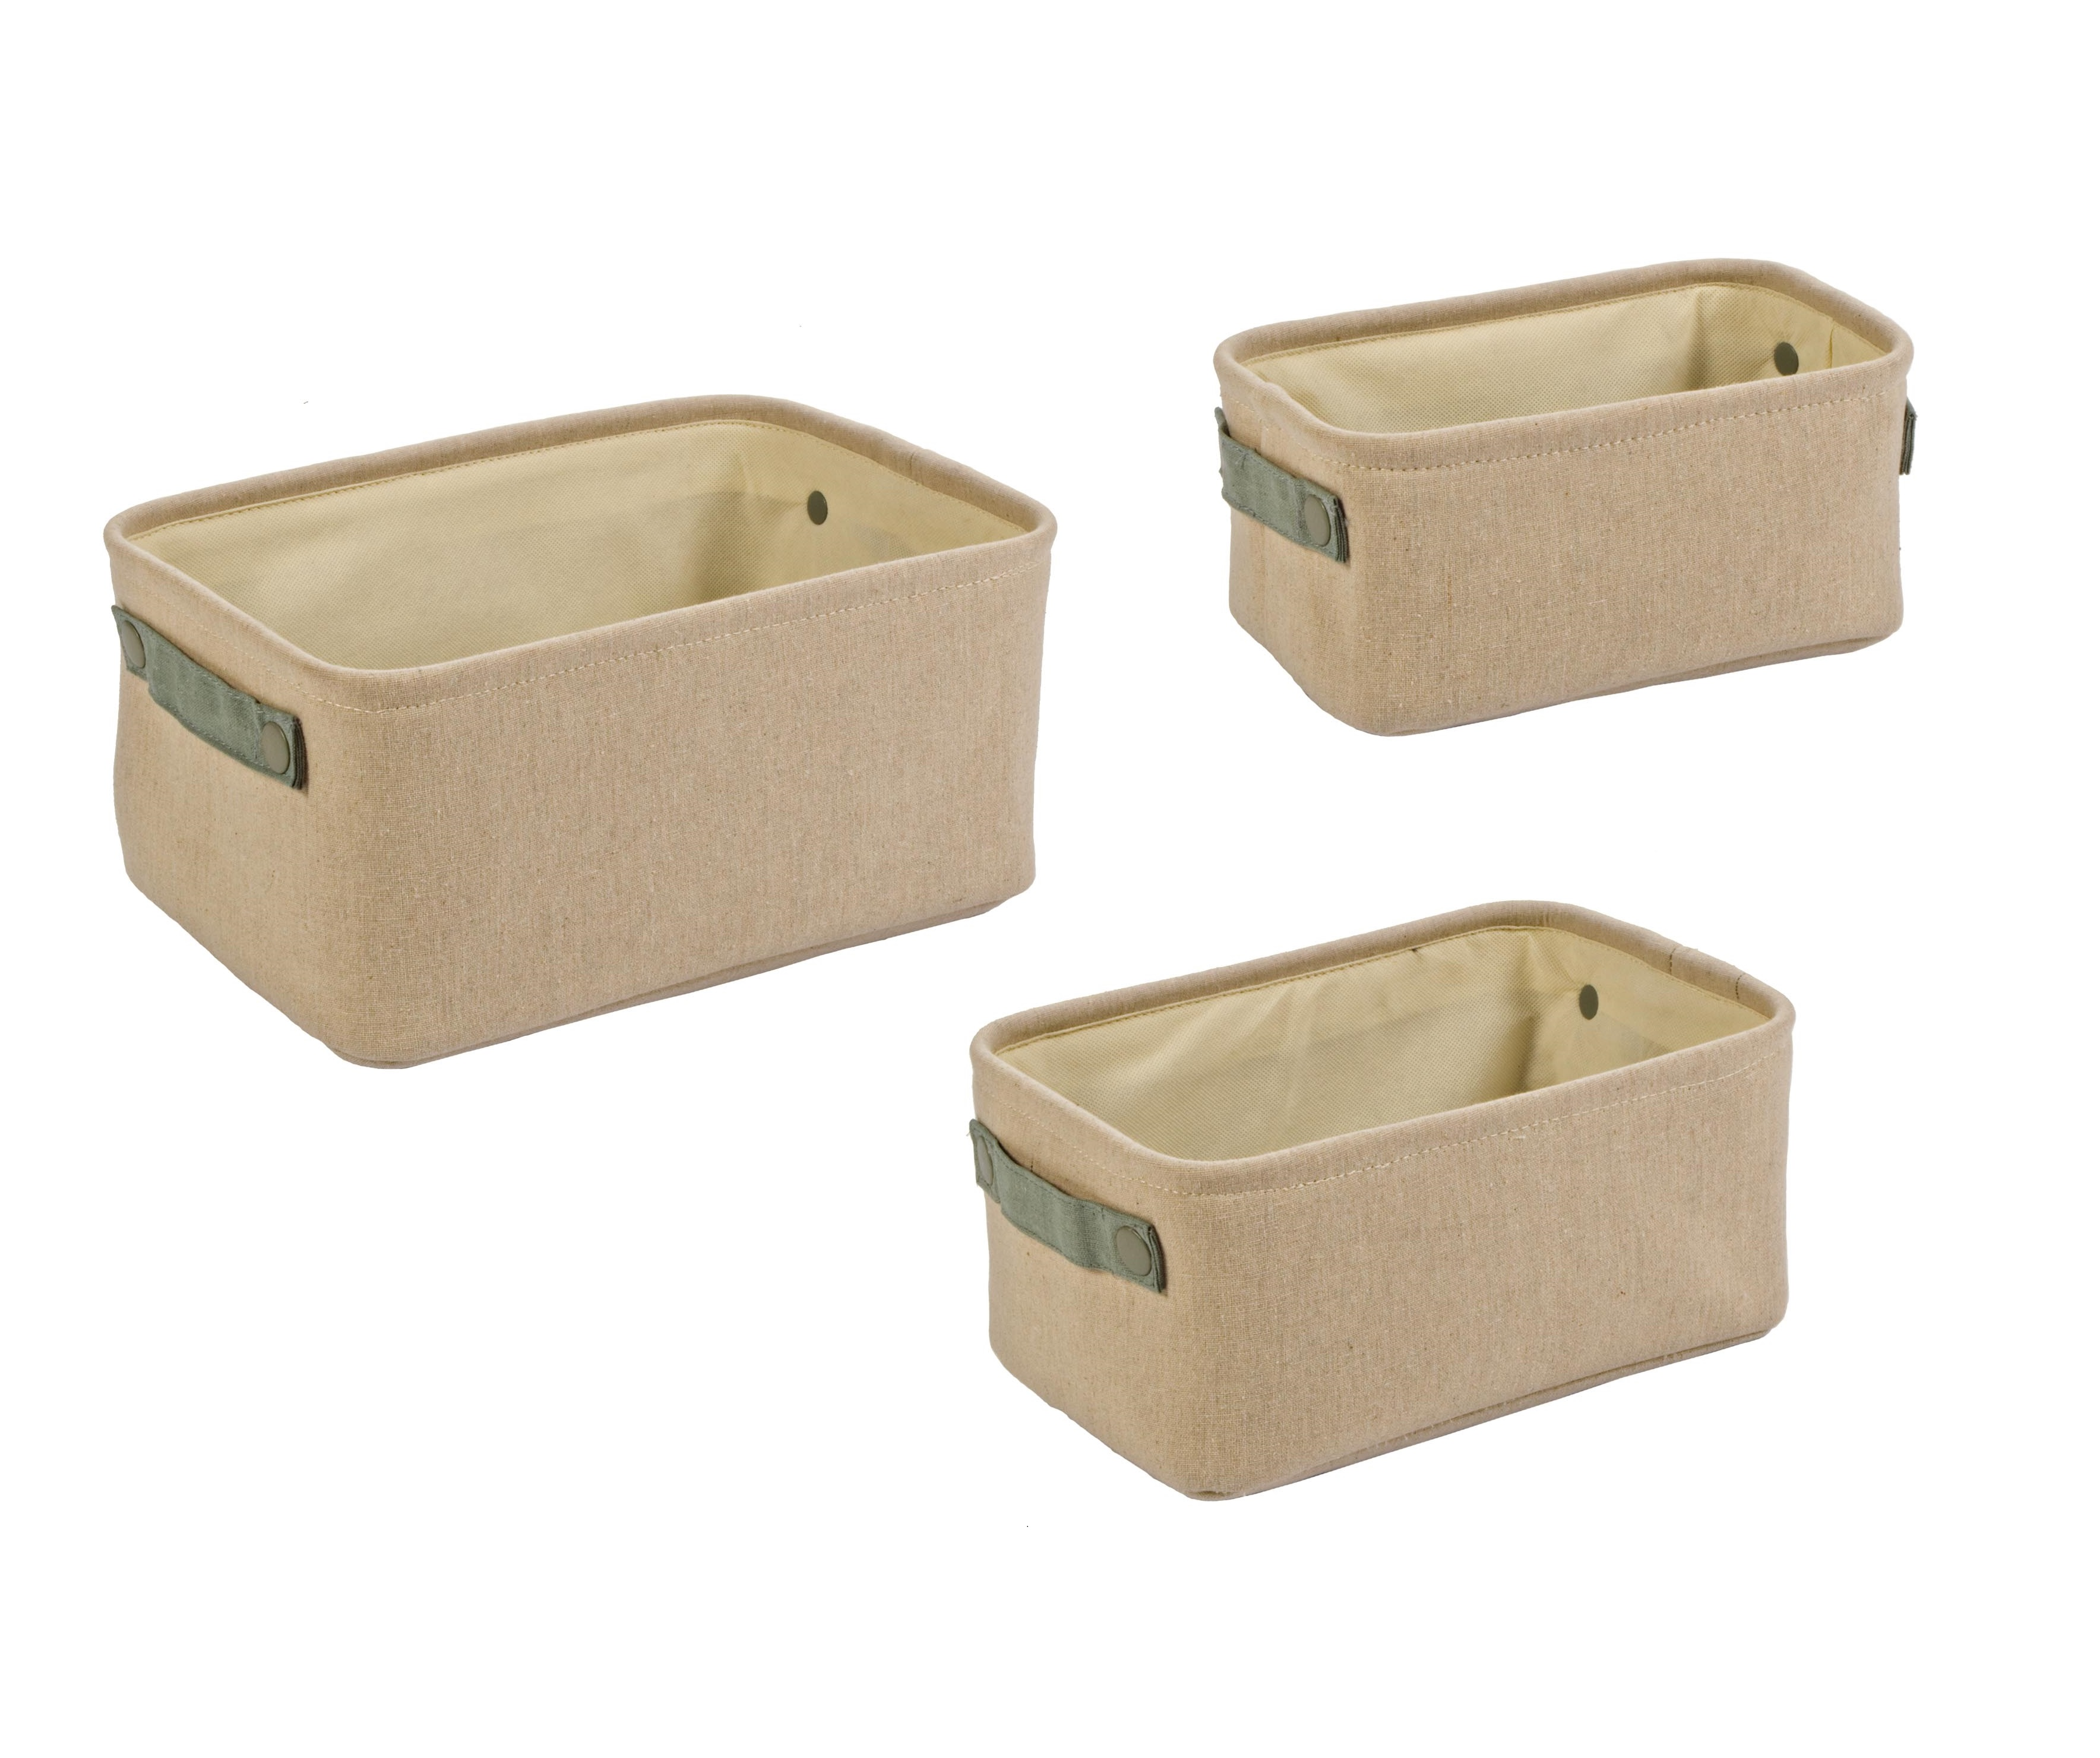 Набор из трех коробок SoftКоробки<br>Большая коробка: длина 34, ширина 24, высота 16;&amp;amp;nbsp;&amp;lt;div&amp;gt;средняя коробка: длина 30, ширина 20, высота 14;&amp;amp;nbsp;&amp;lt;/div&amp;gt;&amp;lt;div&amp;gt;маленькая коробка: длина 26, ширина 16, высота 12  .&amp;amp;nbsp;&amp;lt;/div&amp;gt;&amp;lt;div&amp;gt;&amp;lt;br&amp;gt;&amp;lt;/div&amp;gt;&amp;lt;div&amp;gt;Материал: хлопок, лен, нетканный материал.&amp;amp;nbsp;&amp;lt;/div&amp;gt;<br><br>Material: Текстиль<br>Length см: None<br>Width см: 34<br>Depth см: 24<br>Height см: 16